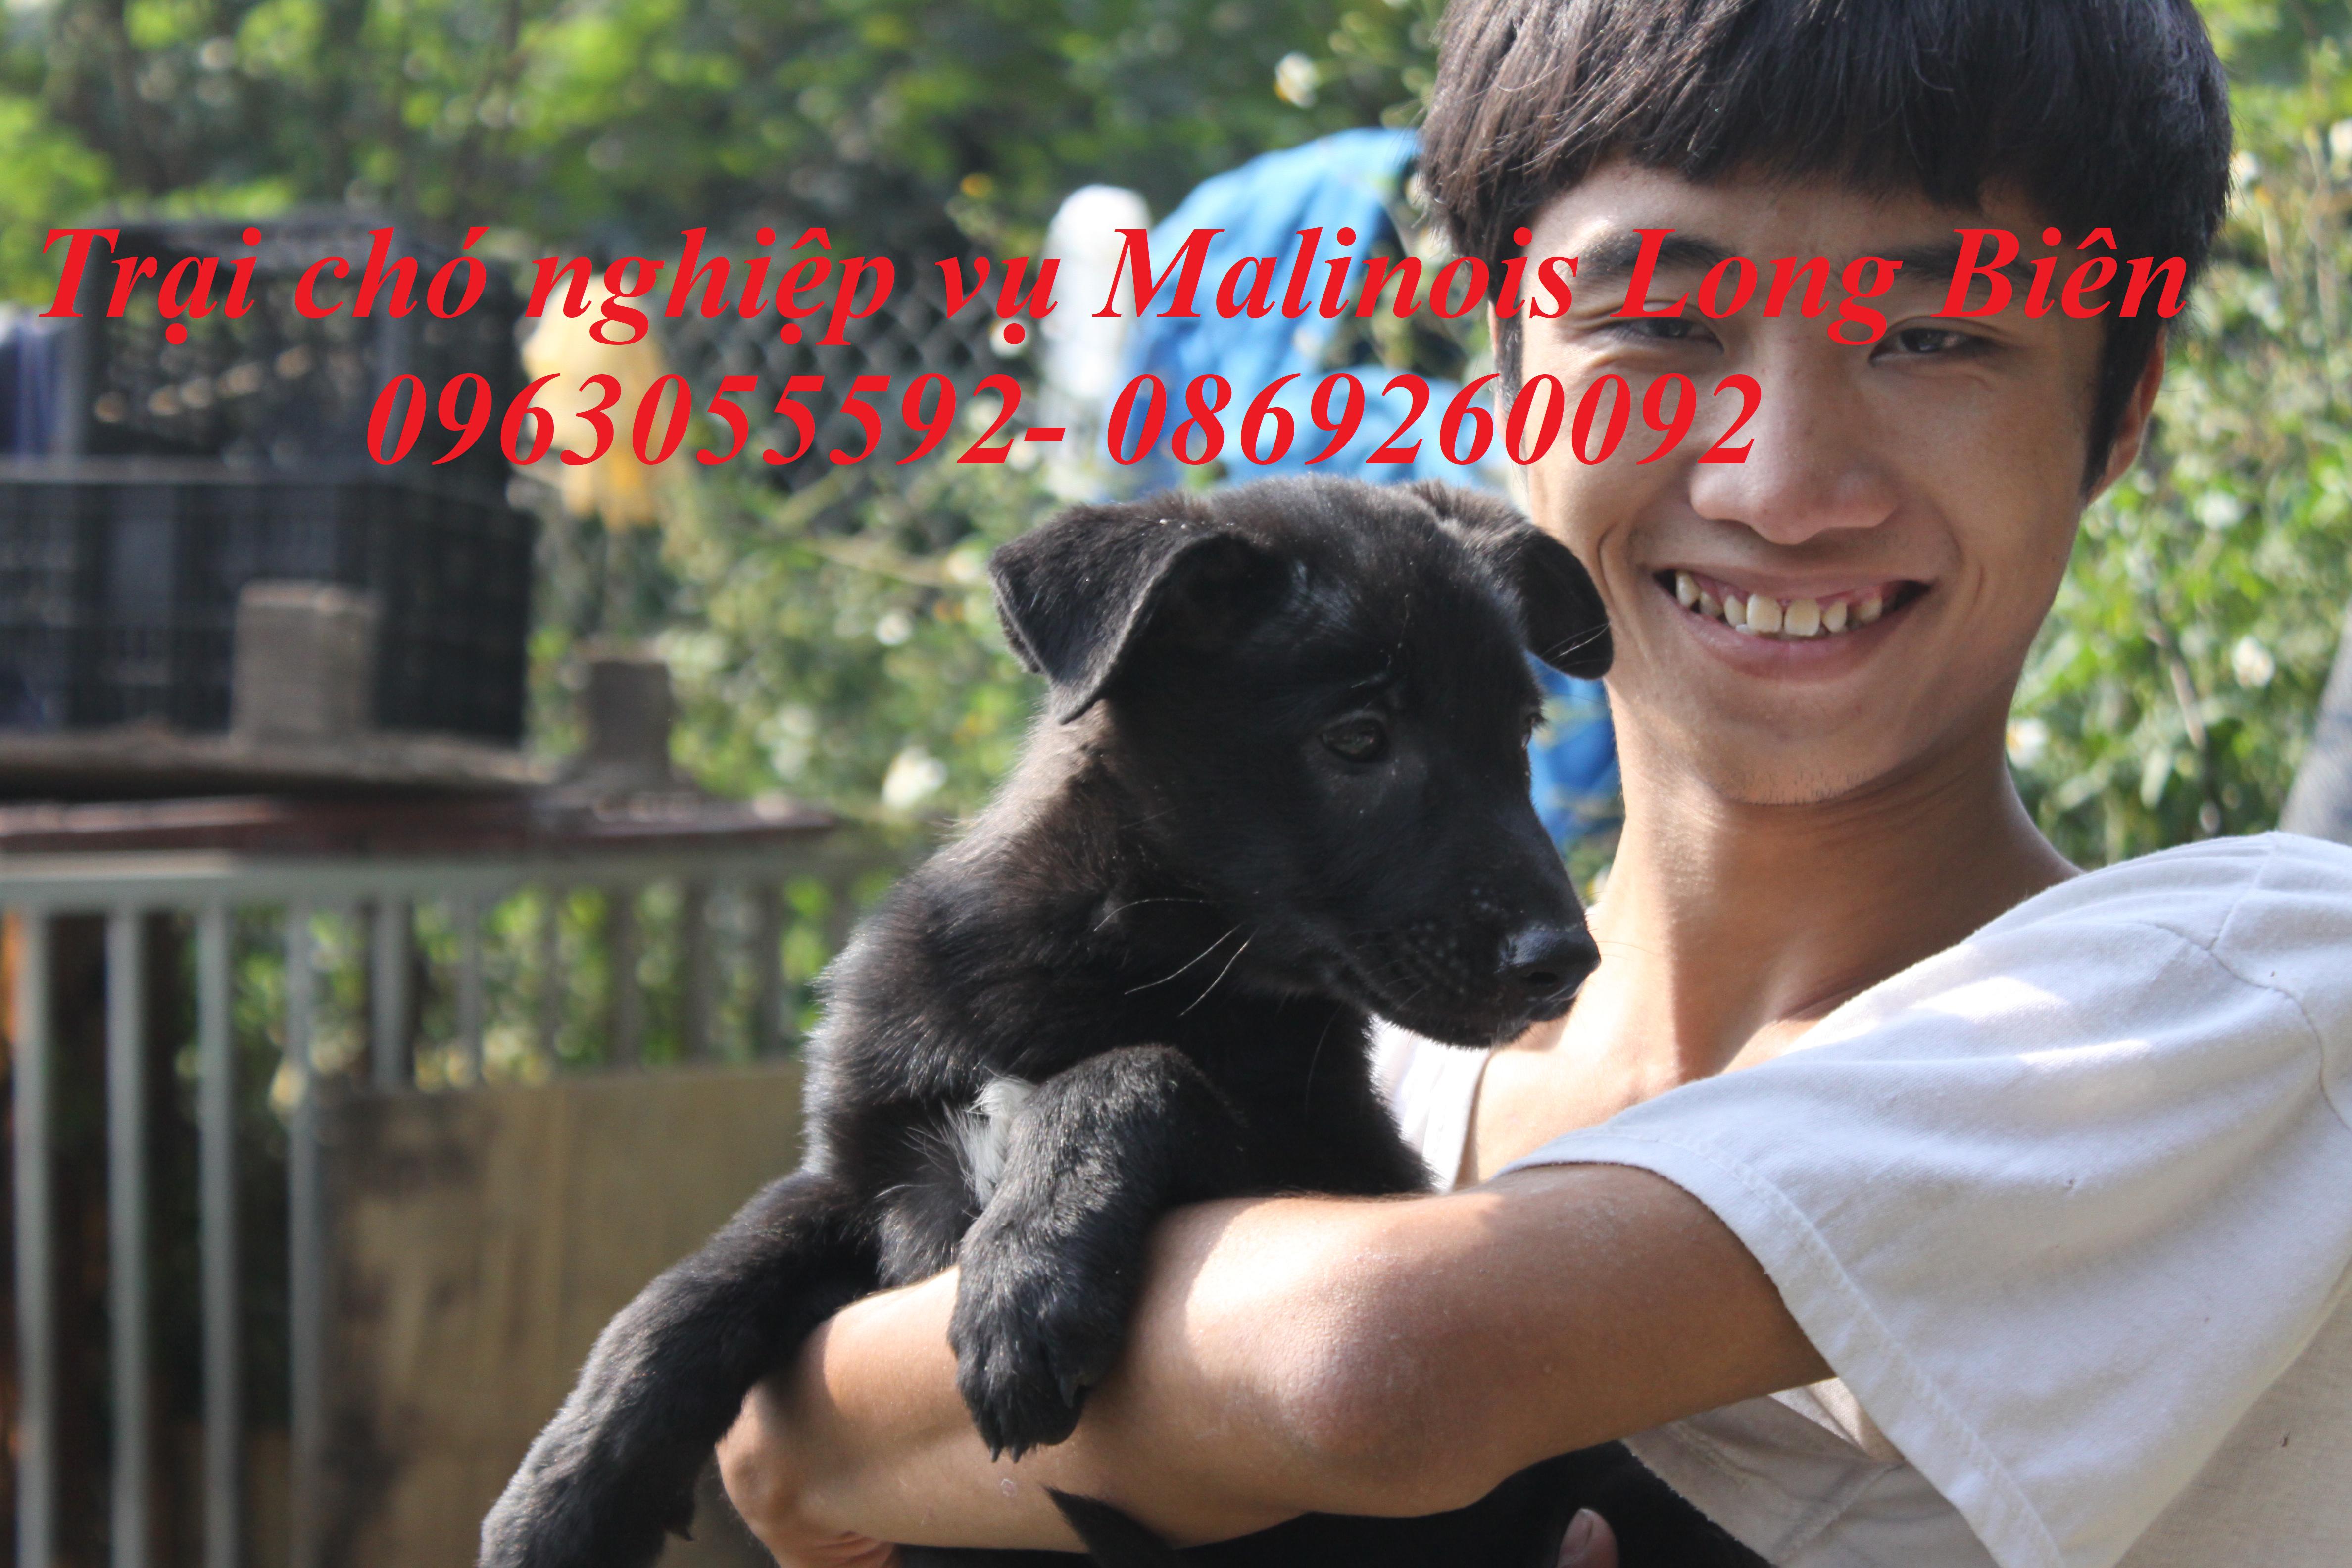 Chó becgie bỉ sinh sản tại trại chó malinois Long Biên